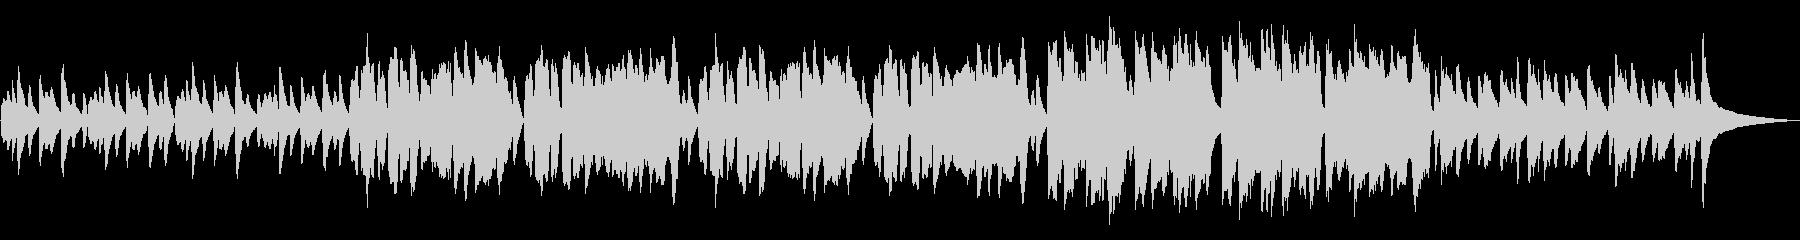 かわいい映像に合う優しいフルート曲の未再生の波形